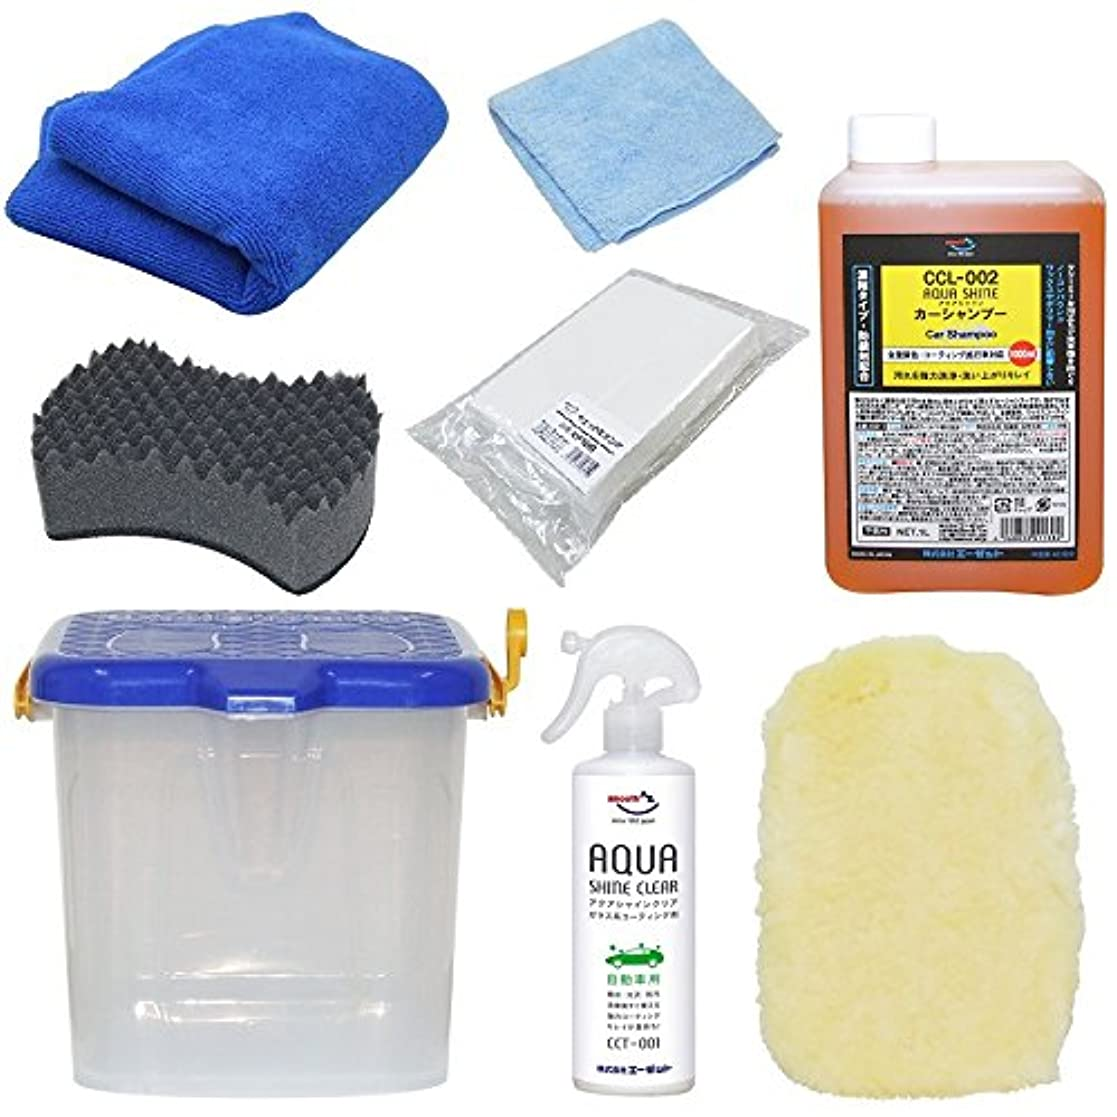 お手伝いさん大通りいわゆるAZ 洗車7点セット(CCT-001 ガラス系コーティング剤300ml+CCL-002 カーシャンプー1L+乗れる9Lバケツ+スポンジ2種類+マイクロファイバータオル+ムートングローブ)